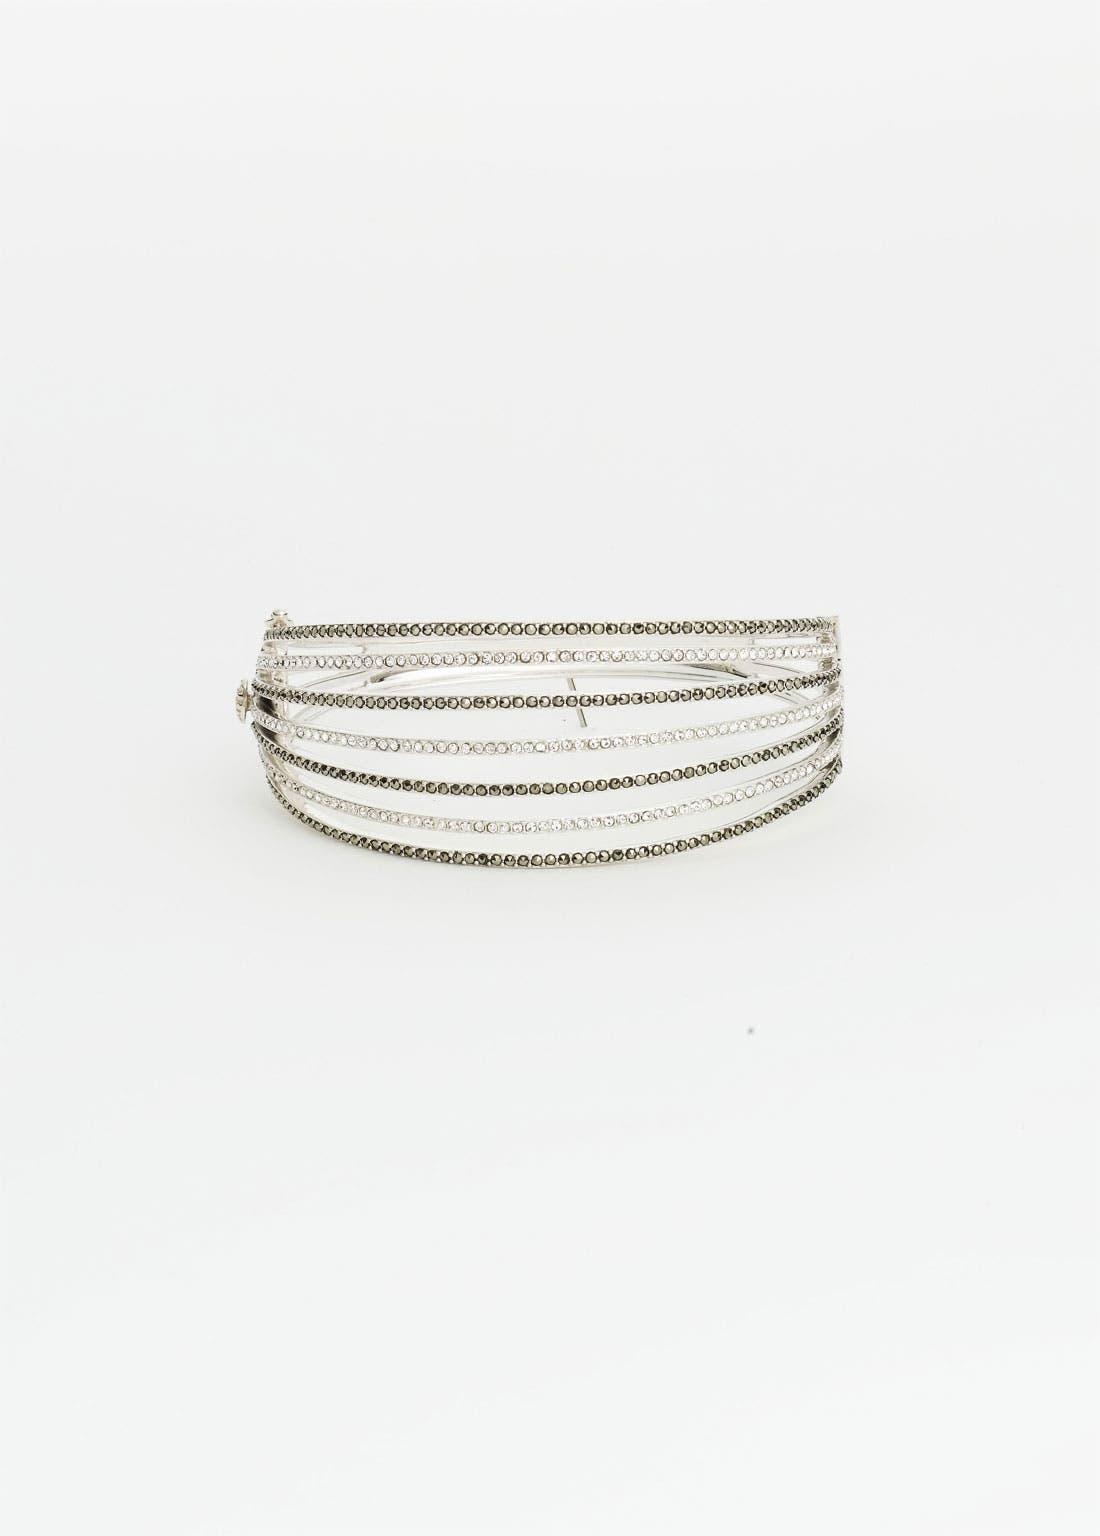 Main Image - Judith Jack 'Crystal Glitz' Bangle Bracelet